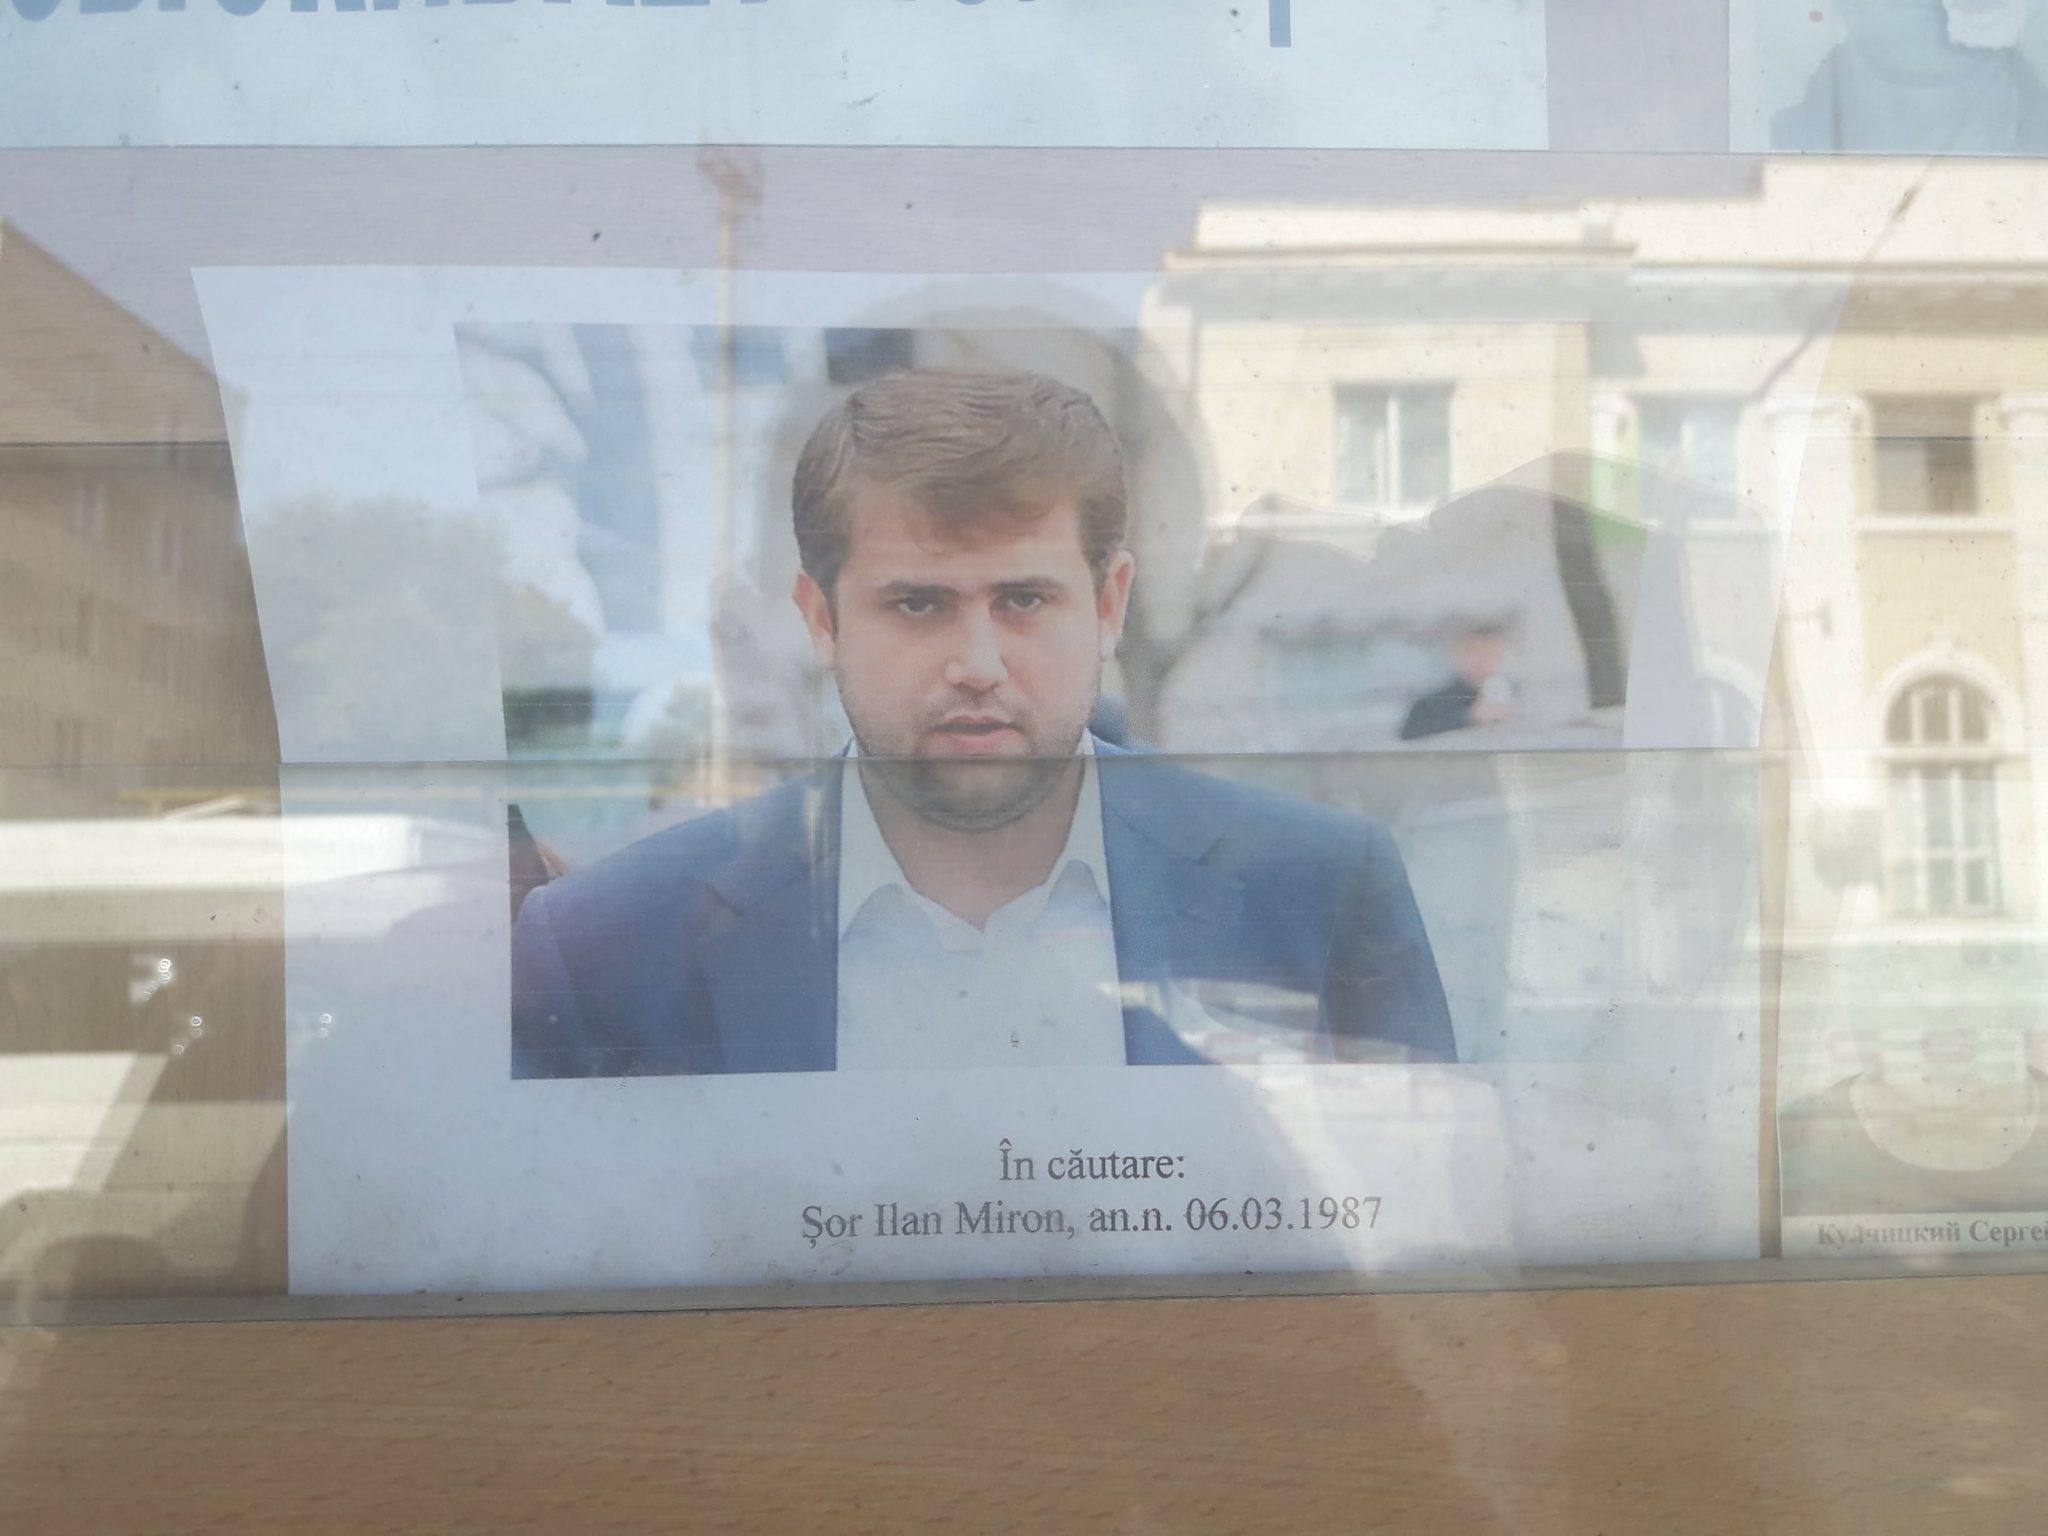 Fotografia lui Ilan Șor a apărut pe panoul din fața Inspectoratului de Poliție Bălți, în sfârșit